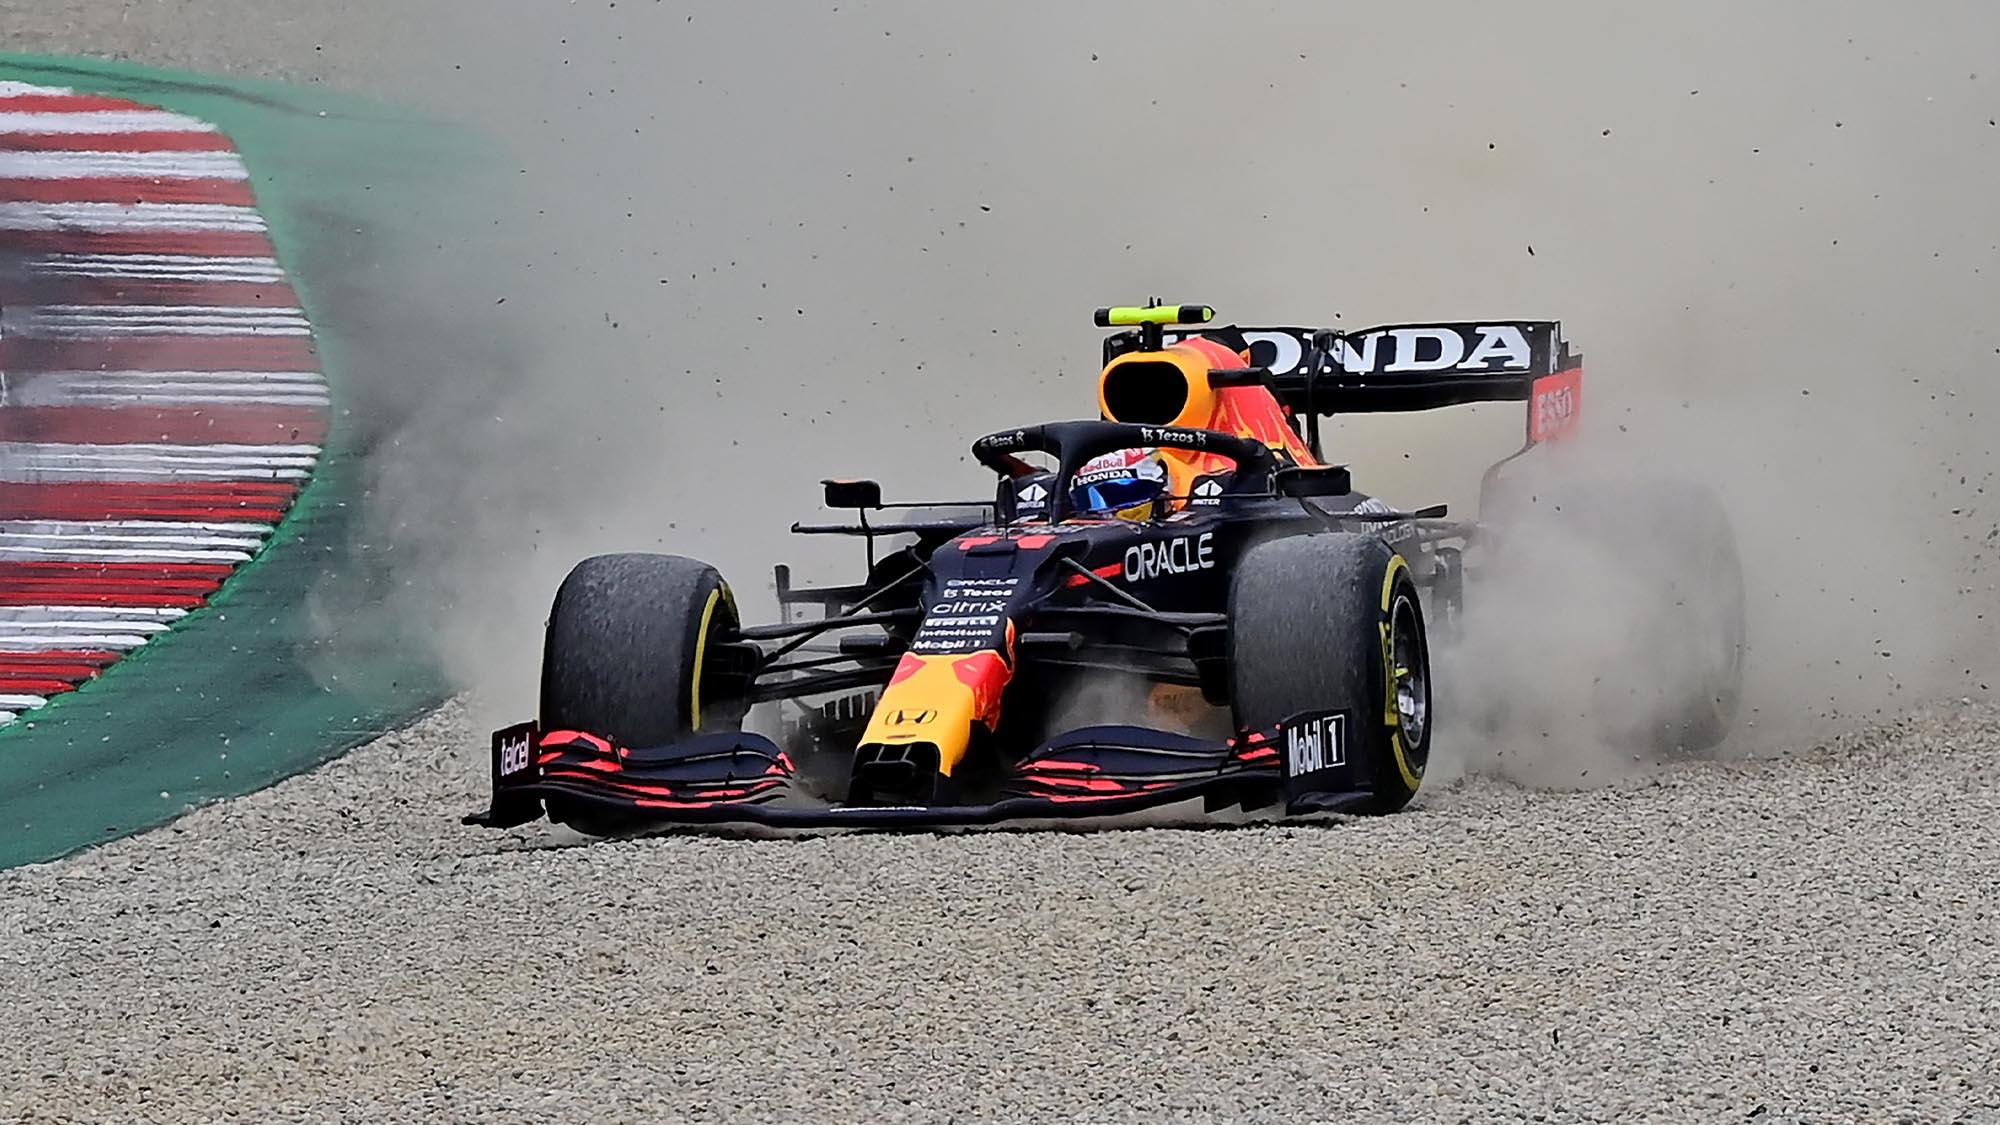 Sergio Perez in the gravel at the 2021 Austrian Grand Prix